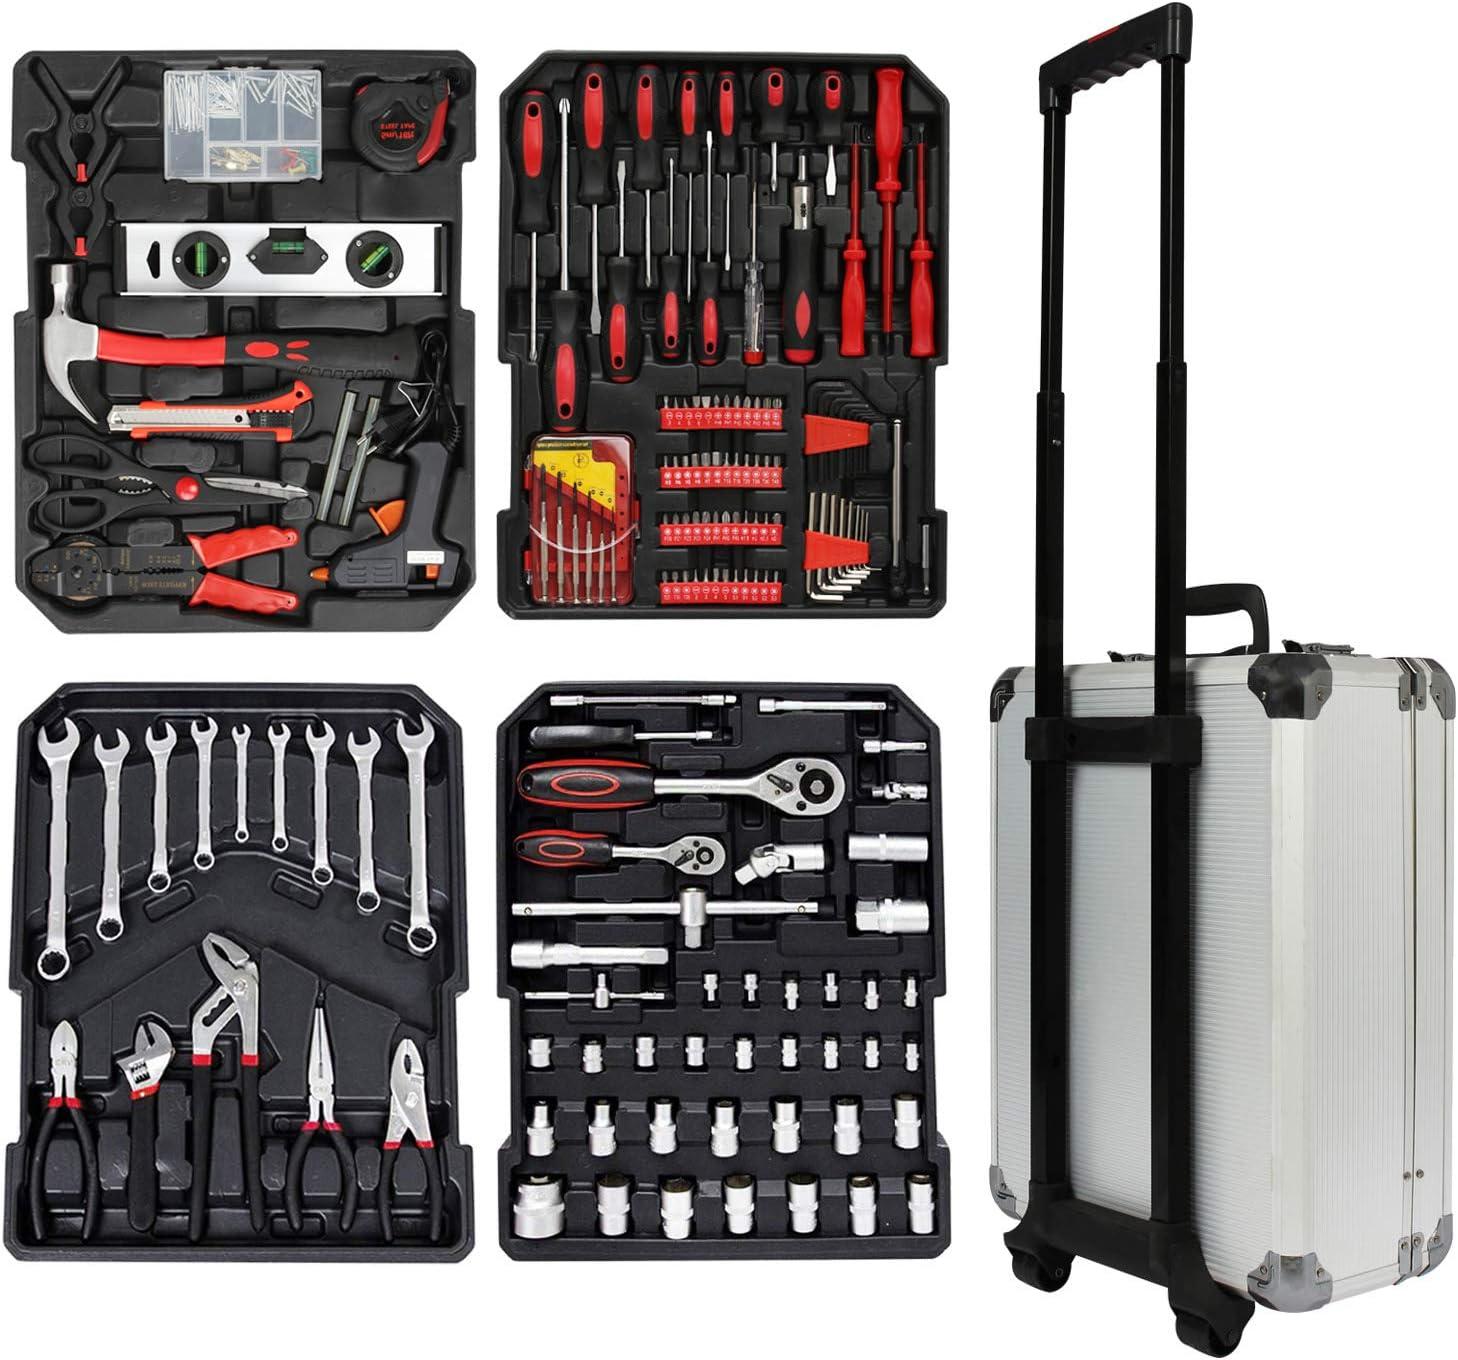 Sotech SK009971 Maleta de tuercas herramientas, Plata: Amazon.es: Bricolaje y herramientas